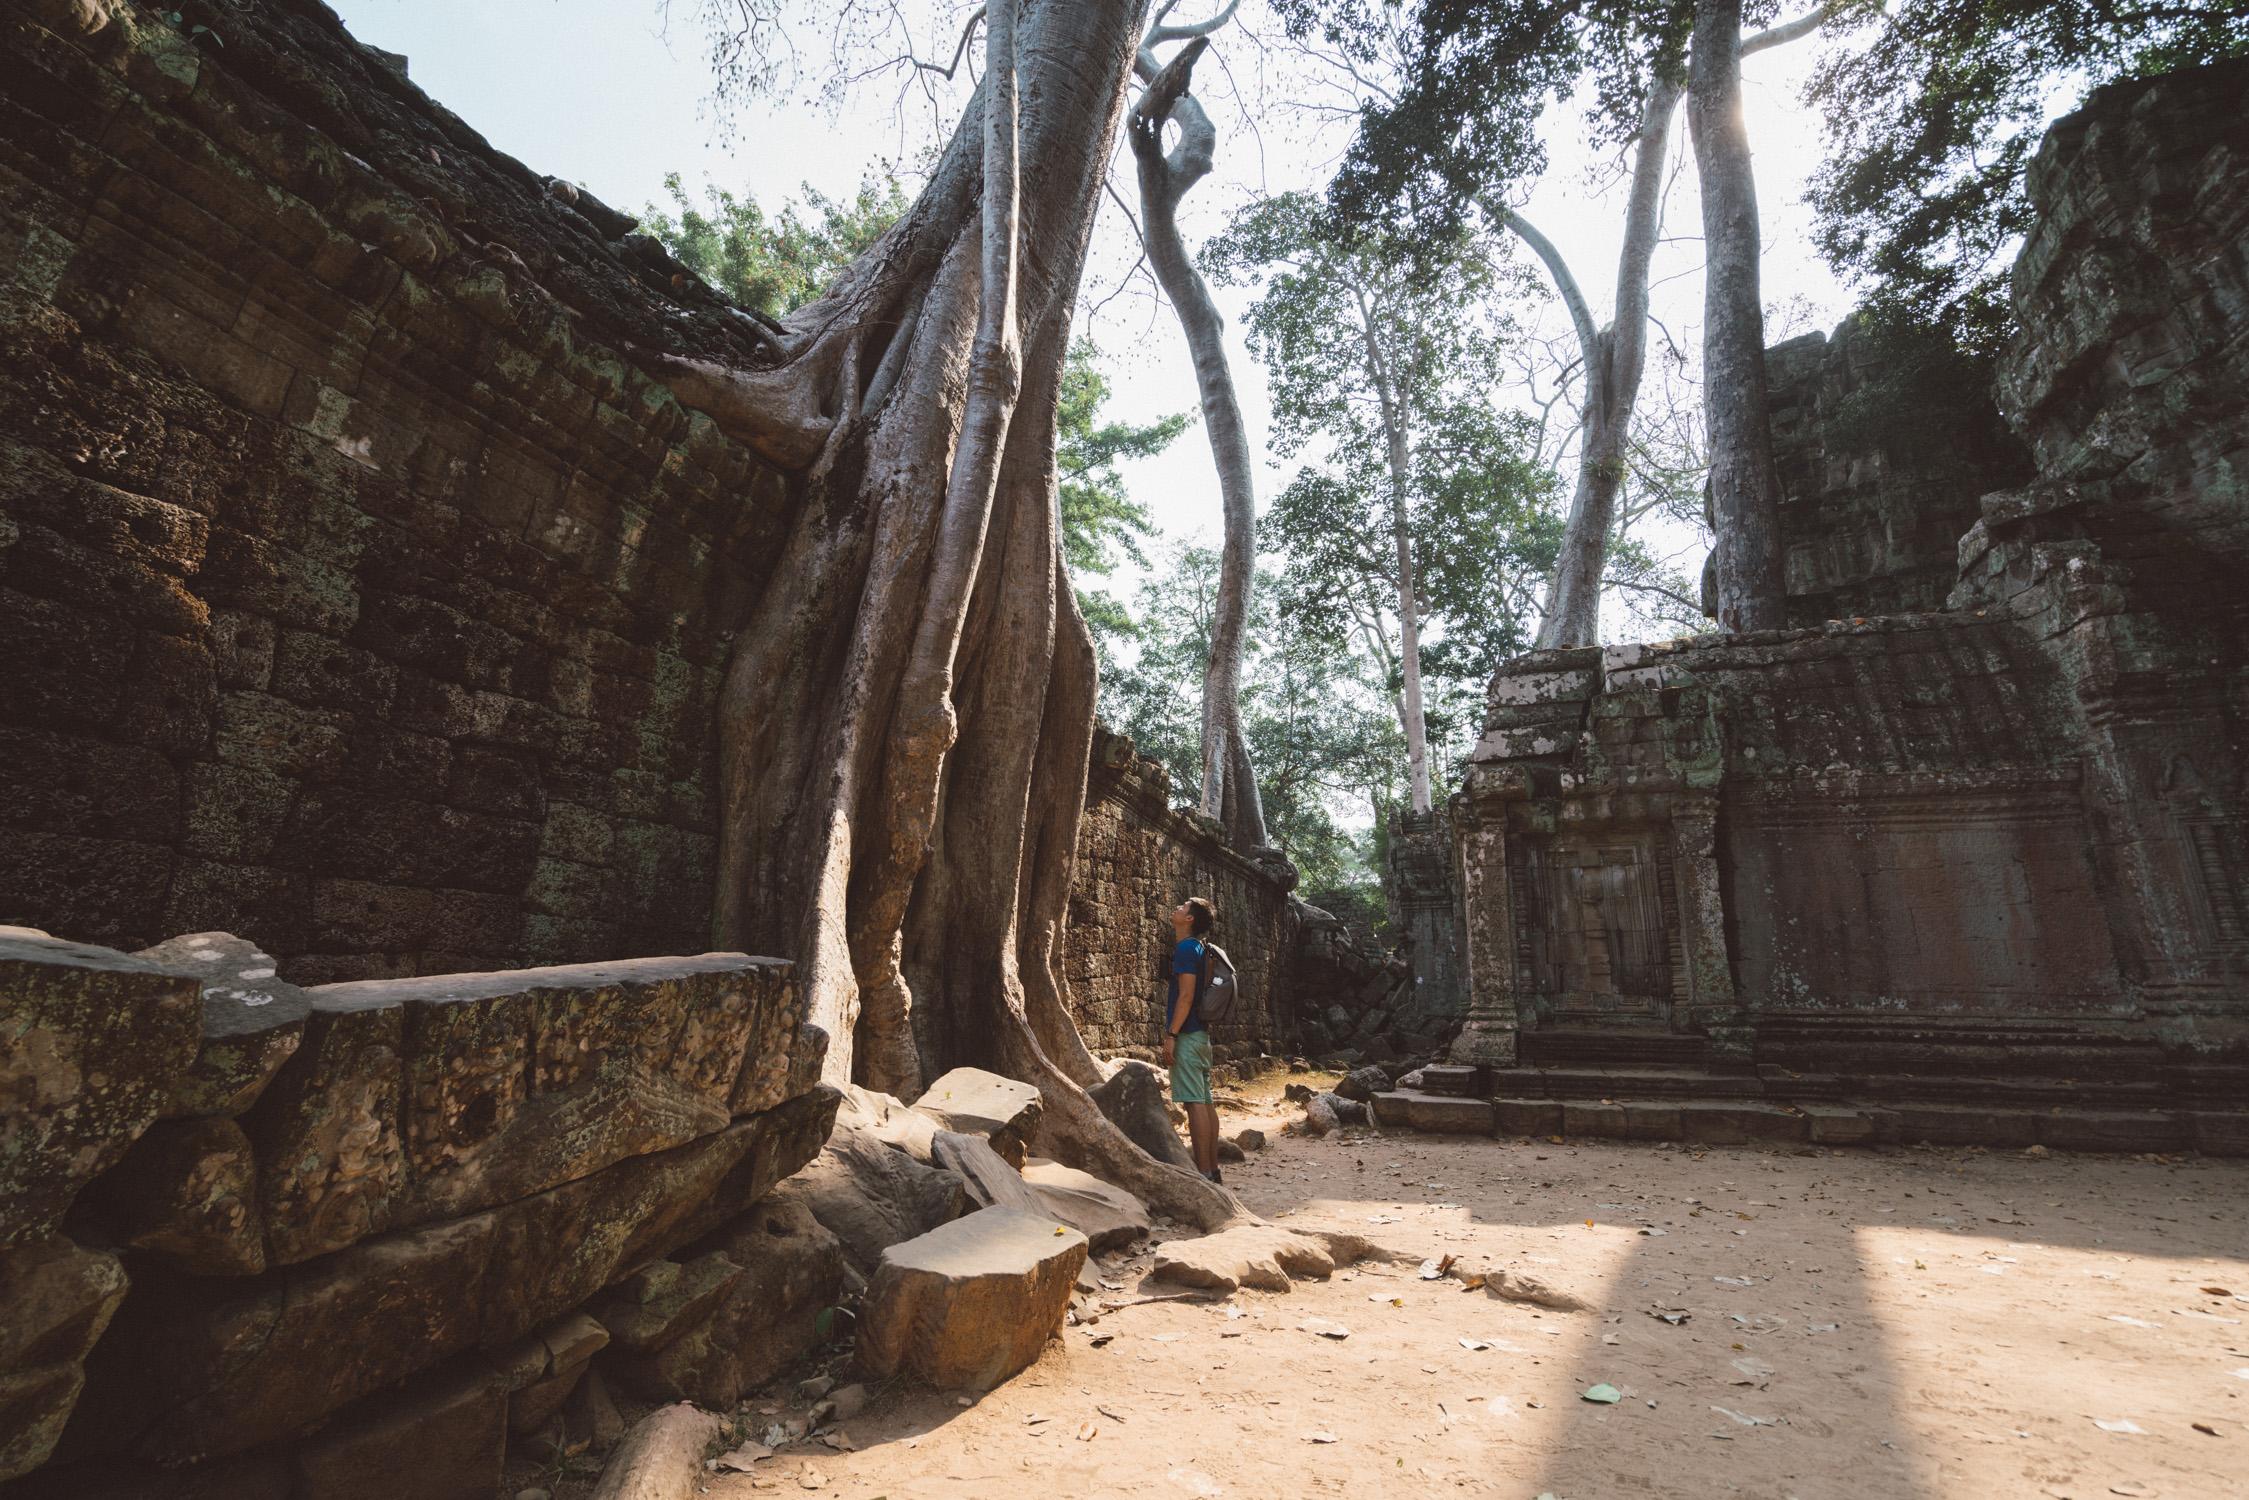 Tree Angkor Wat portrait [David Tan]